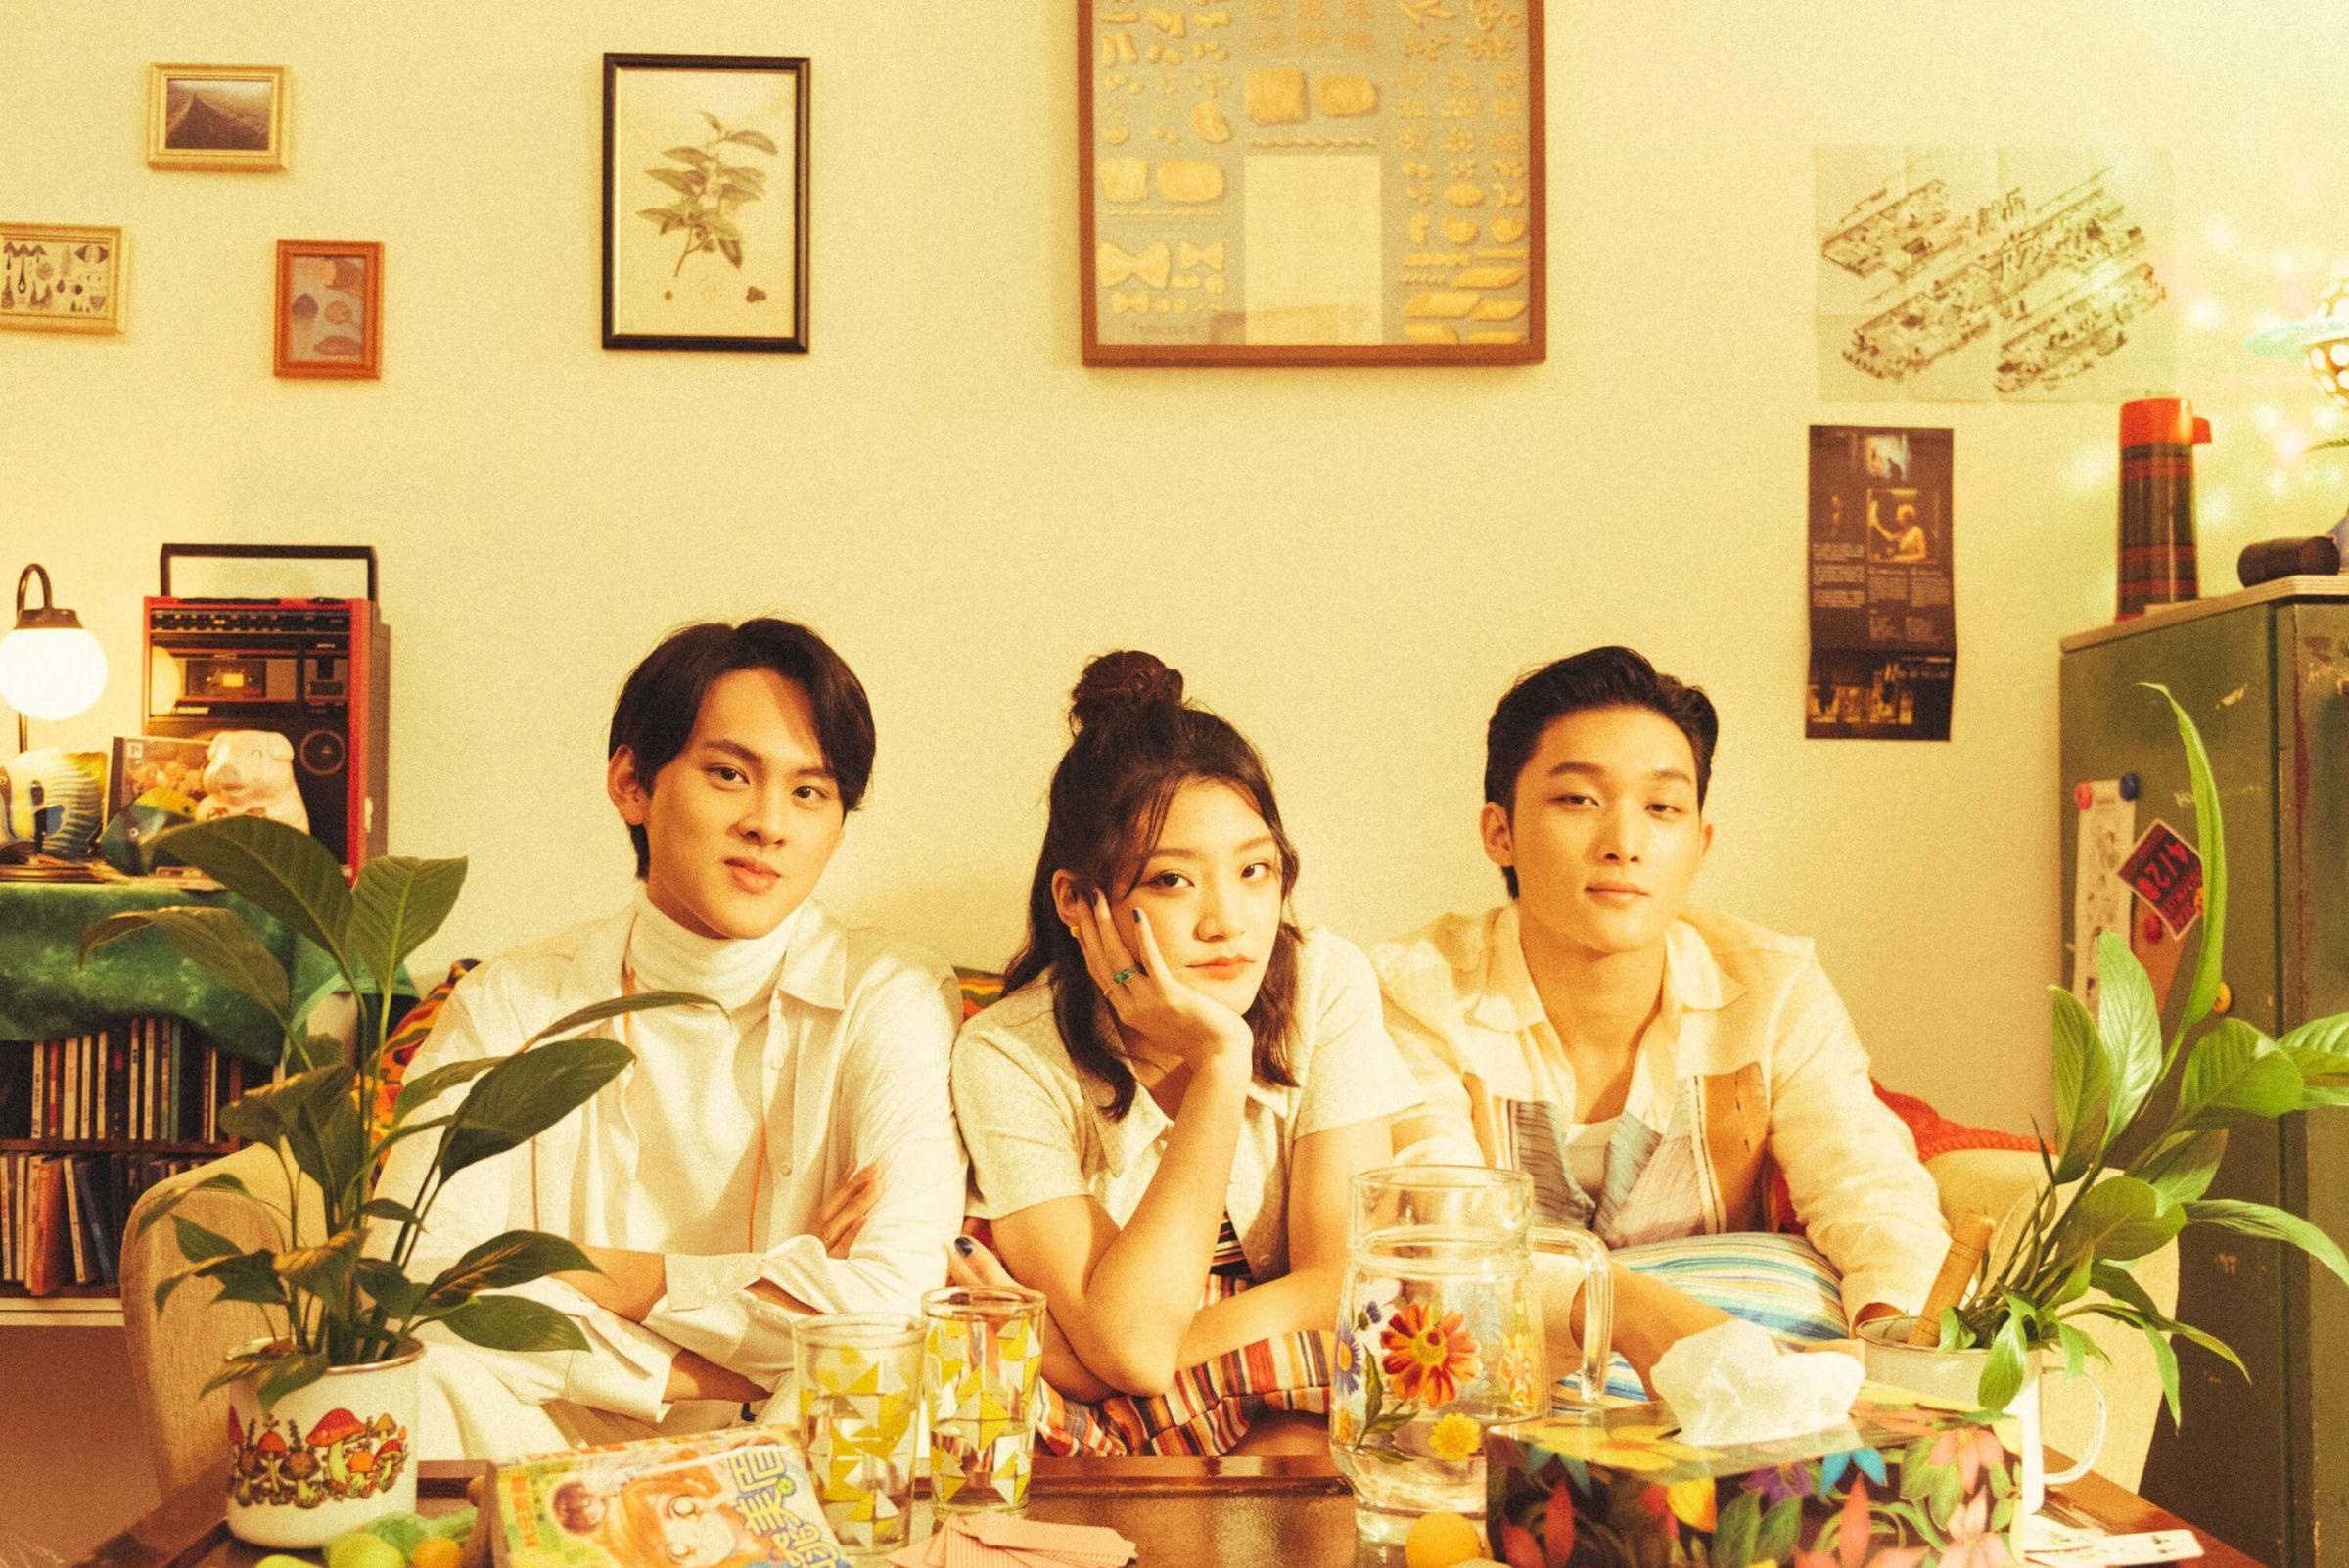 迷因團體「沒有才能」新單曲曝光 合作知名YouTuber超驚喜!